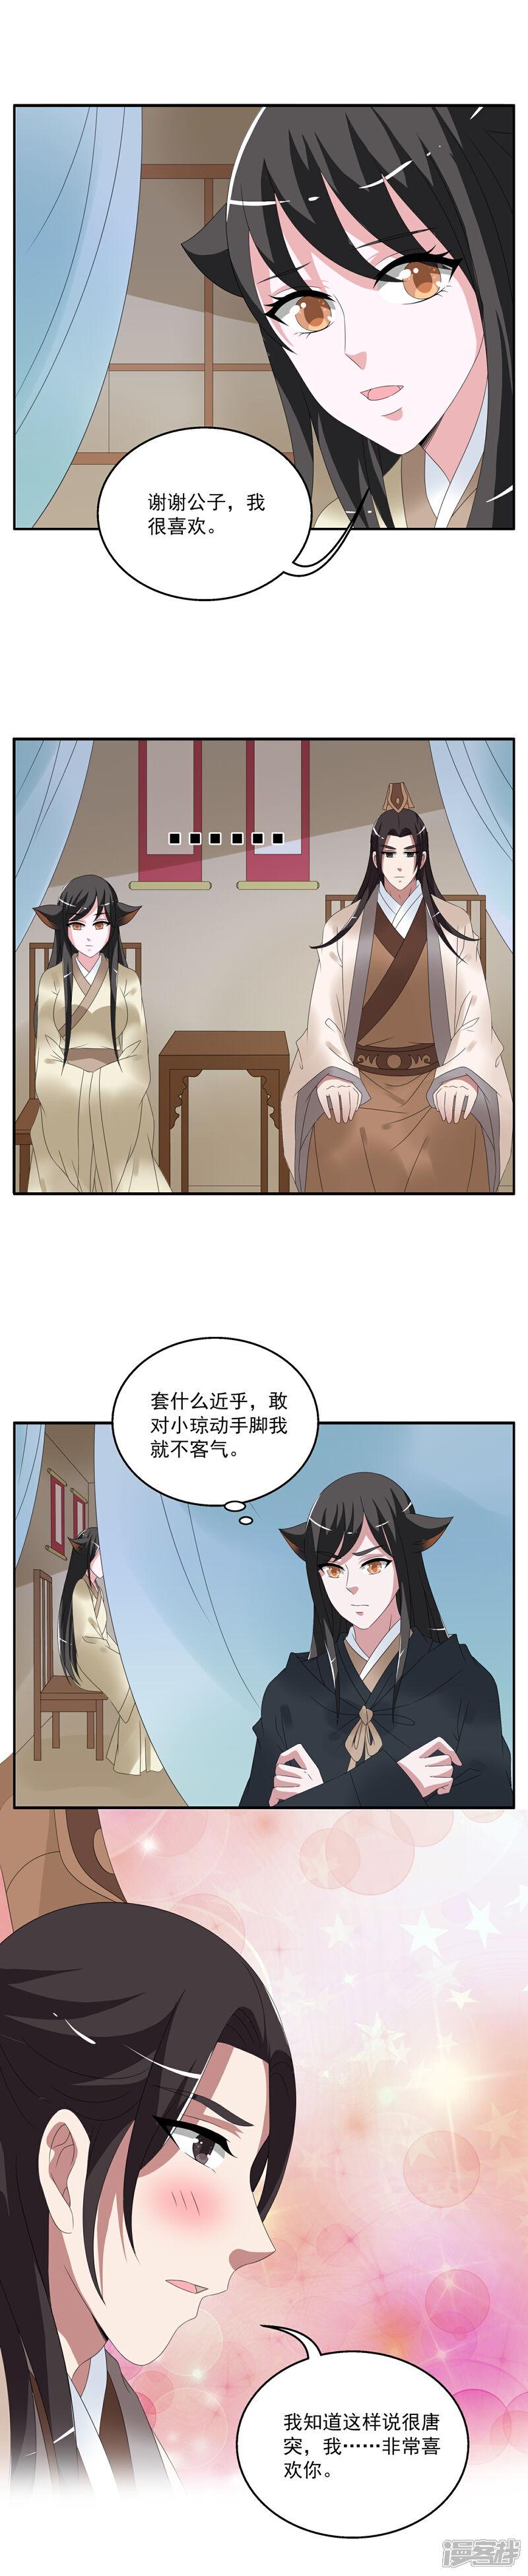 洛小妖153 (4).JPG